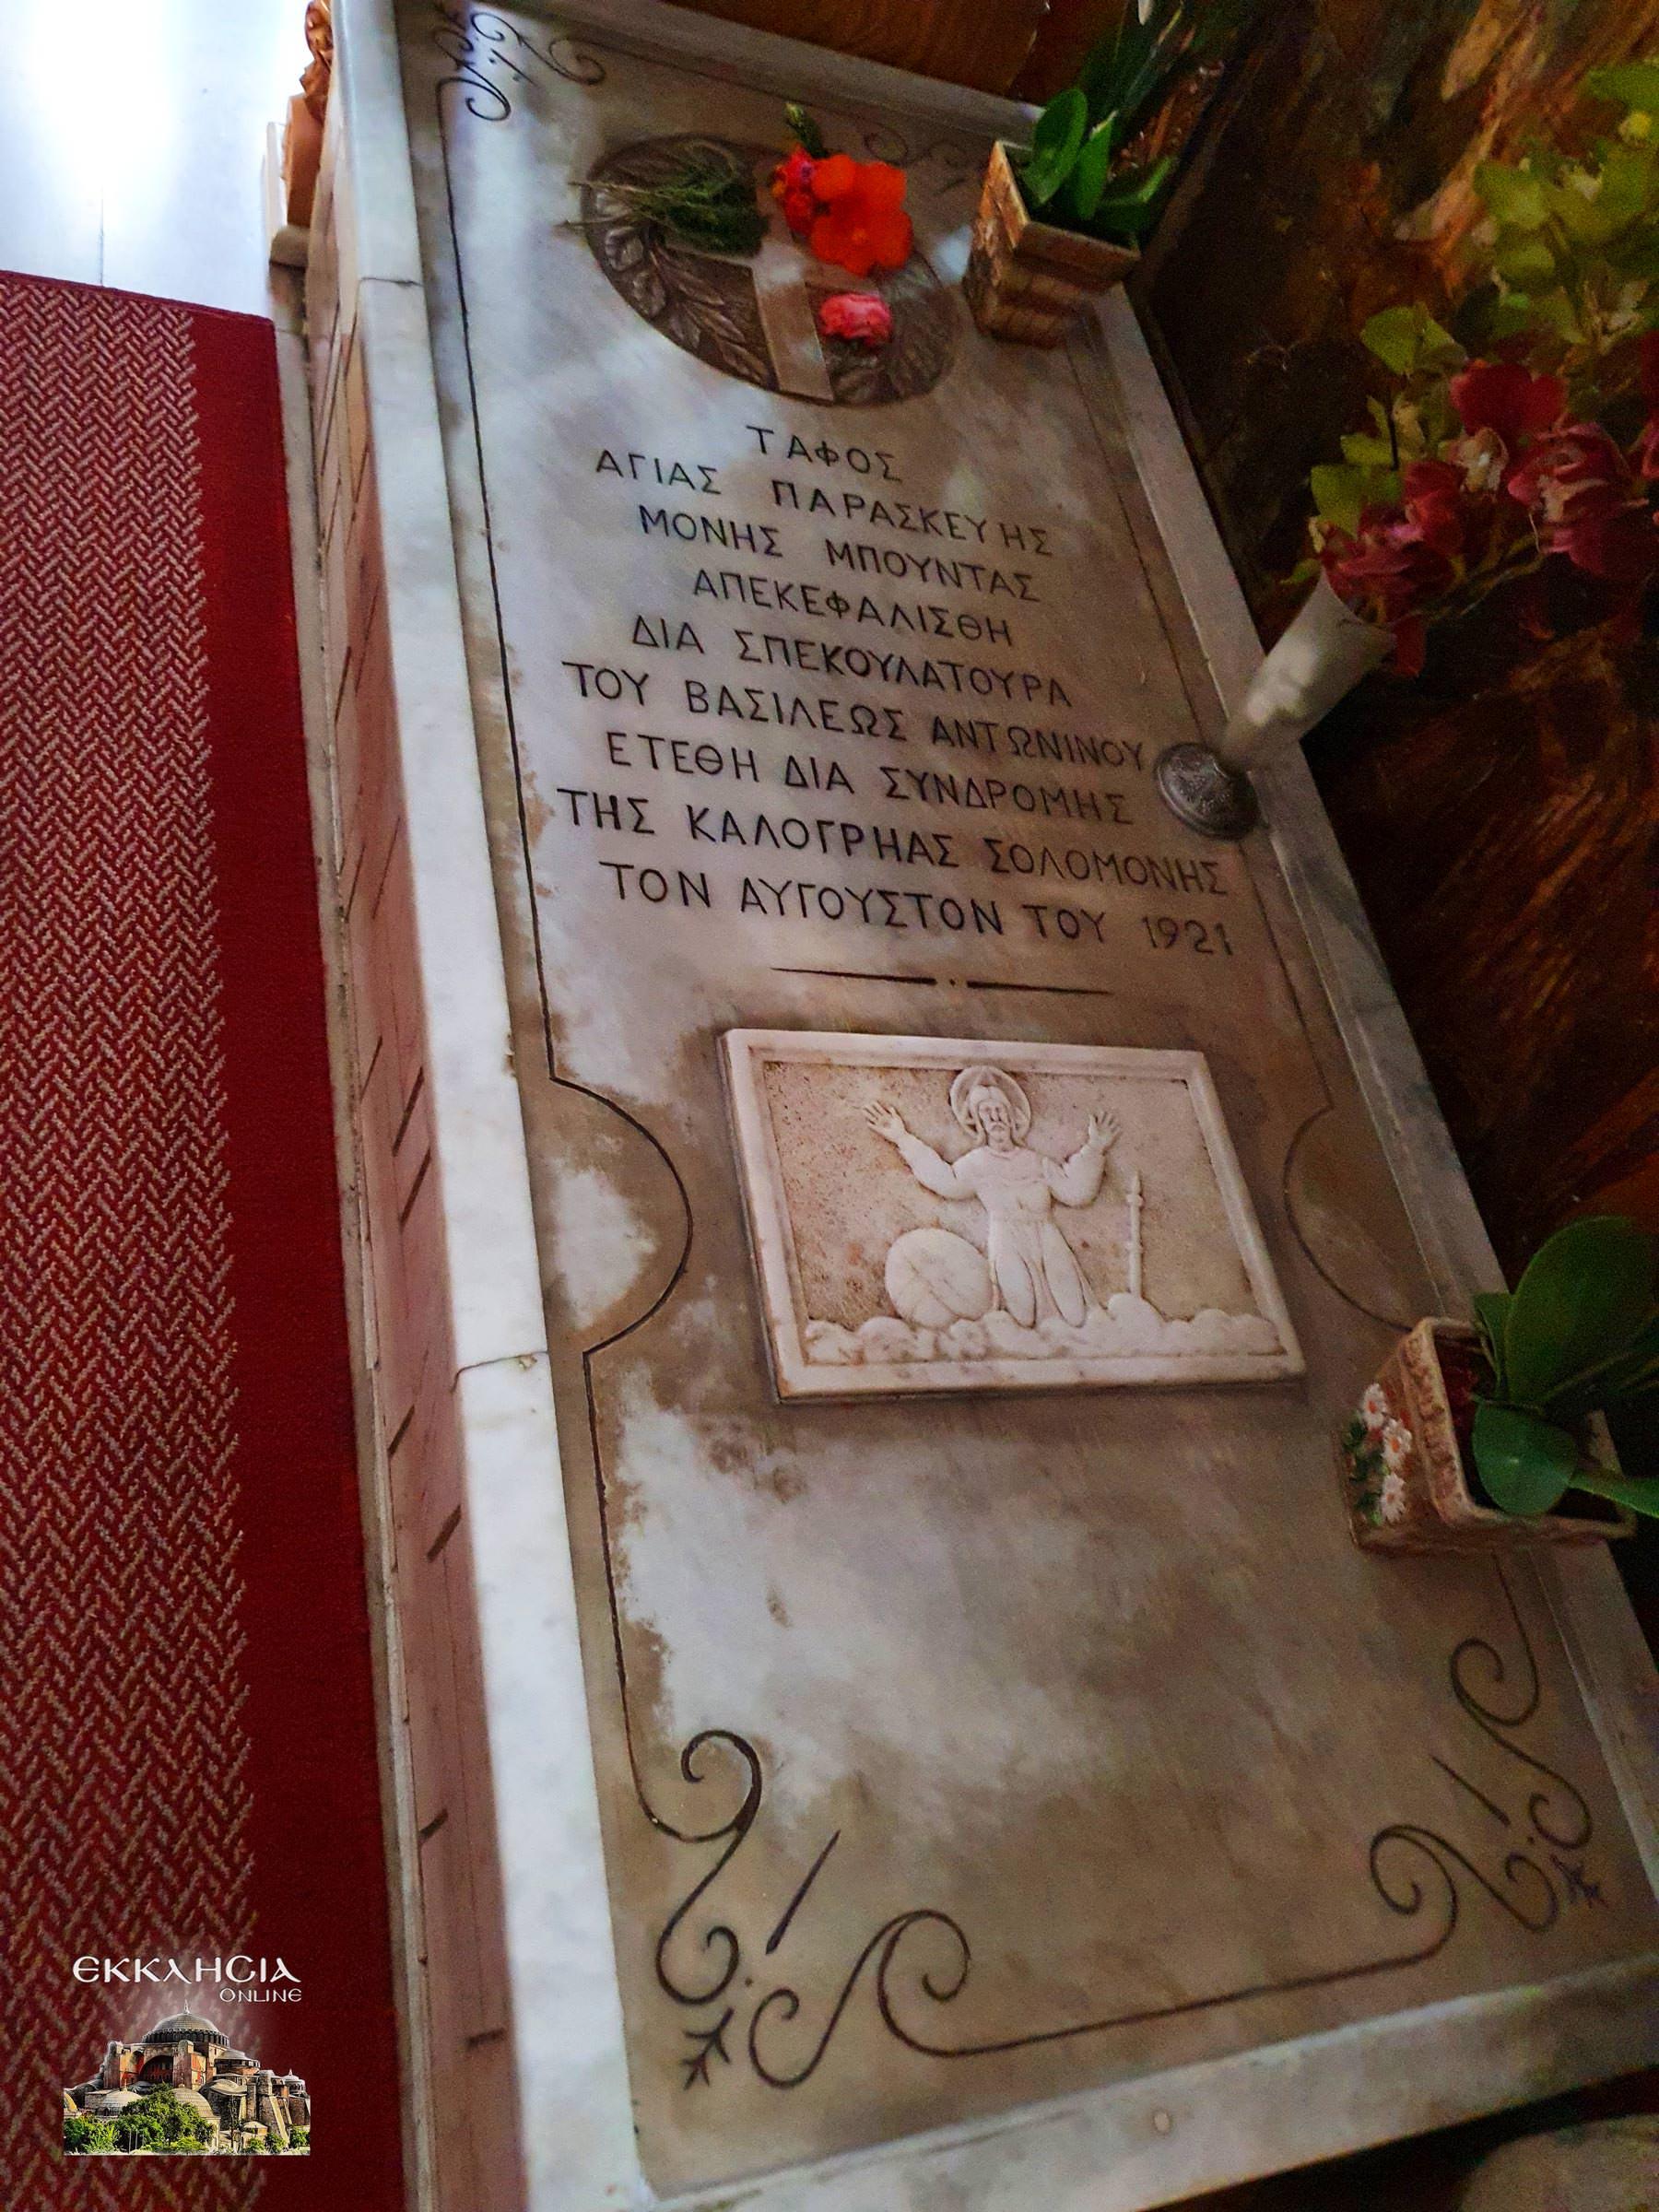 Τάφος Αγίας Παρασκευής Μοναστήρι Πούντας